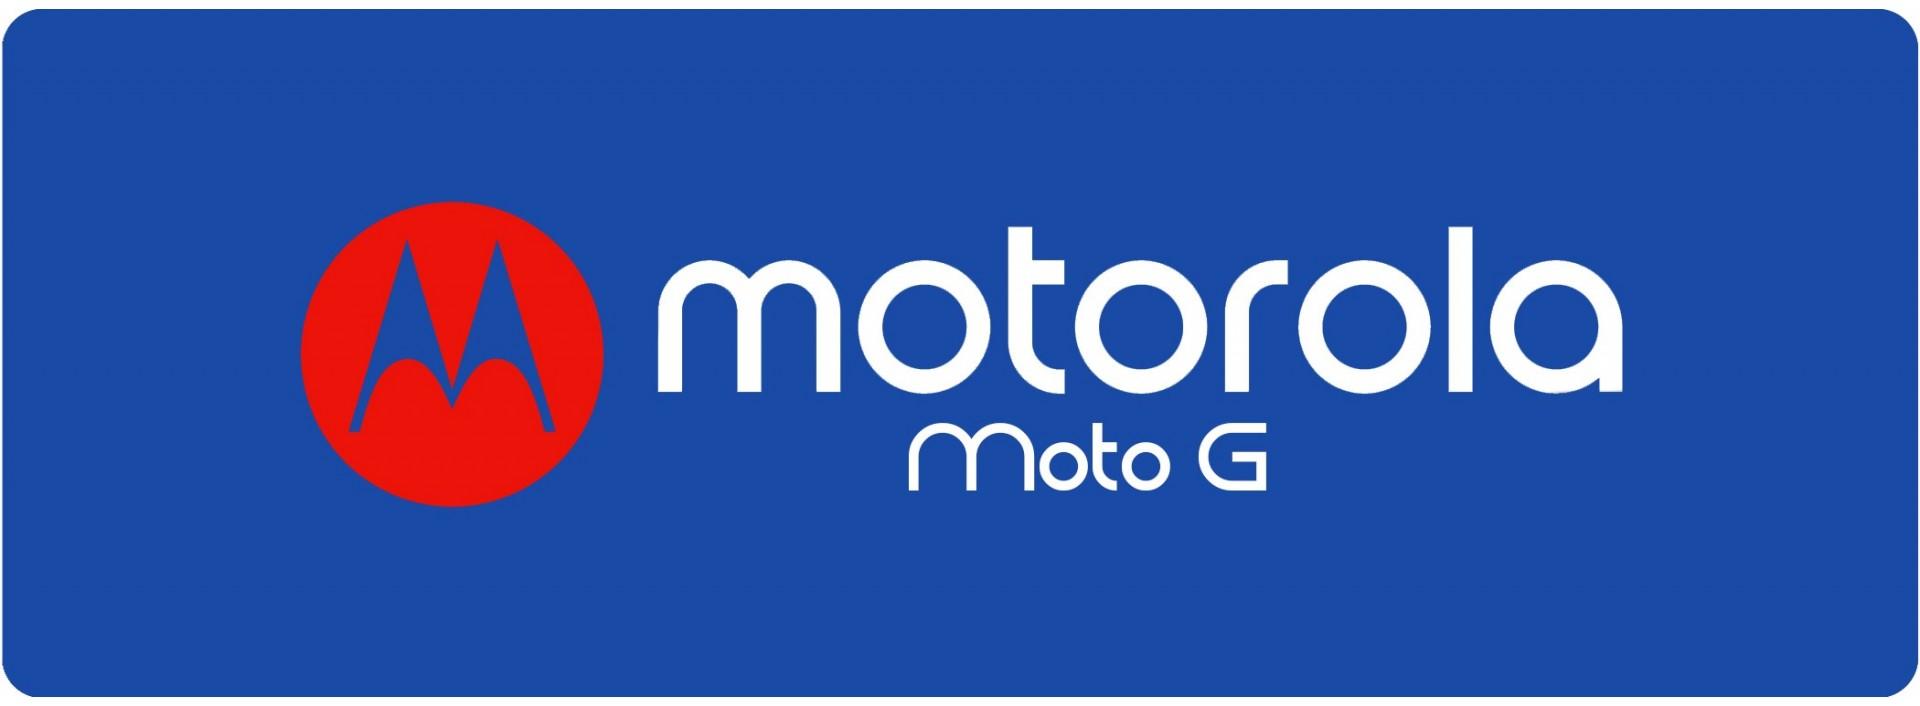 Fundas PERSONALIZADAS Motorola Familia Moto G, Envío Gratis en TMS